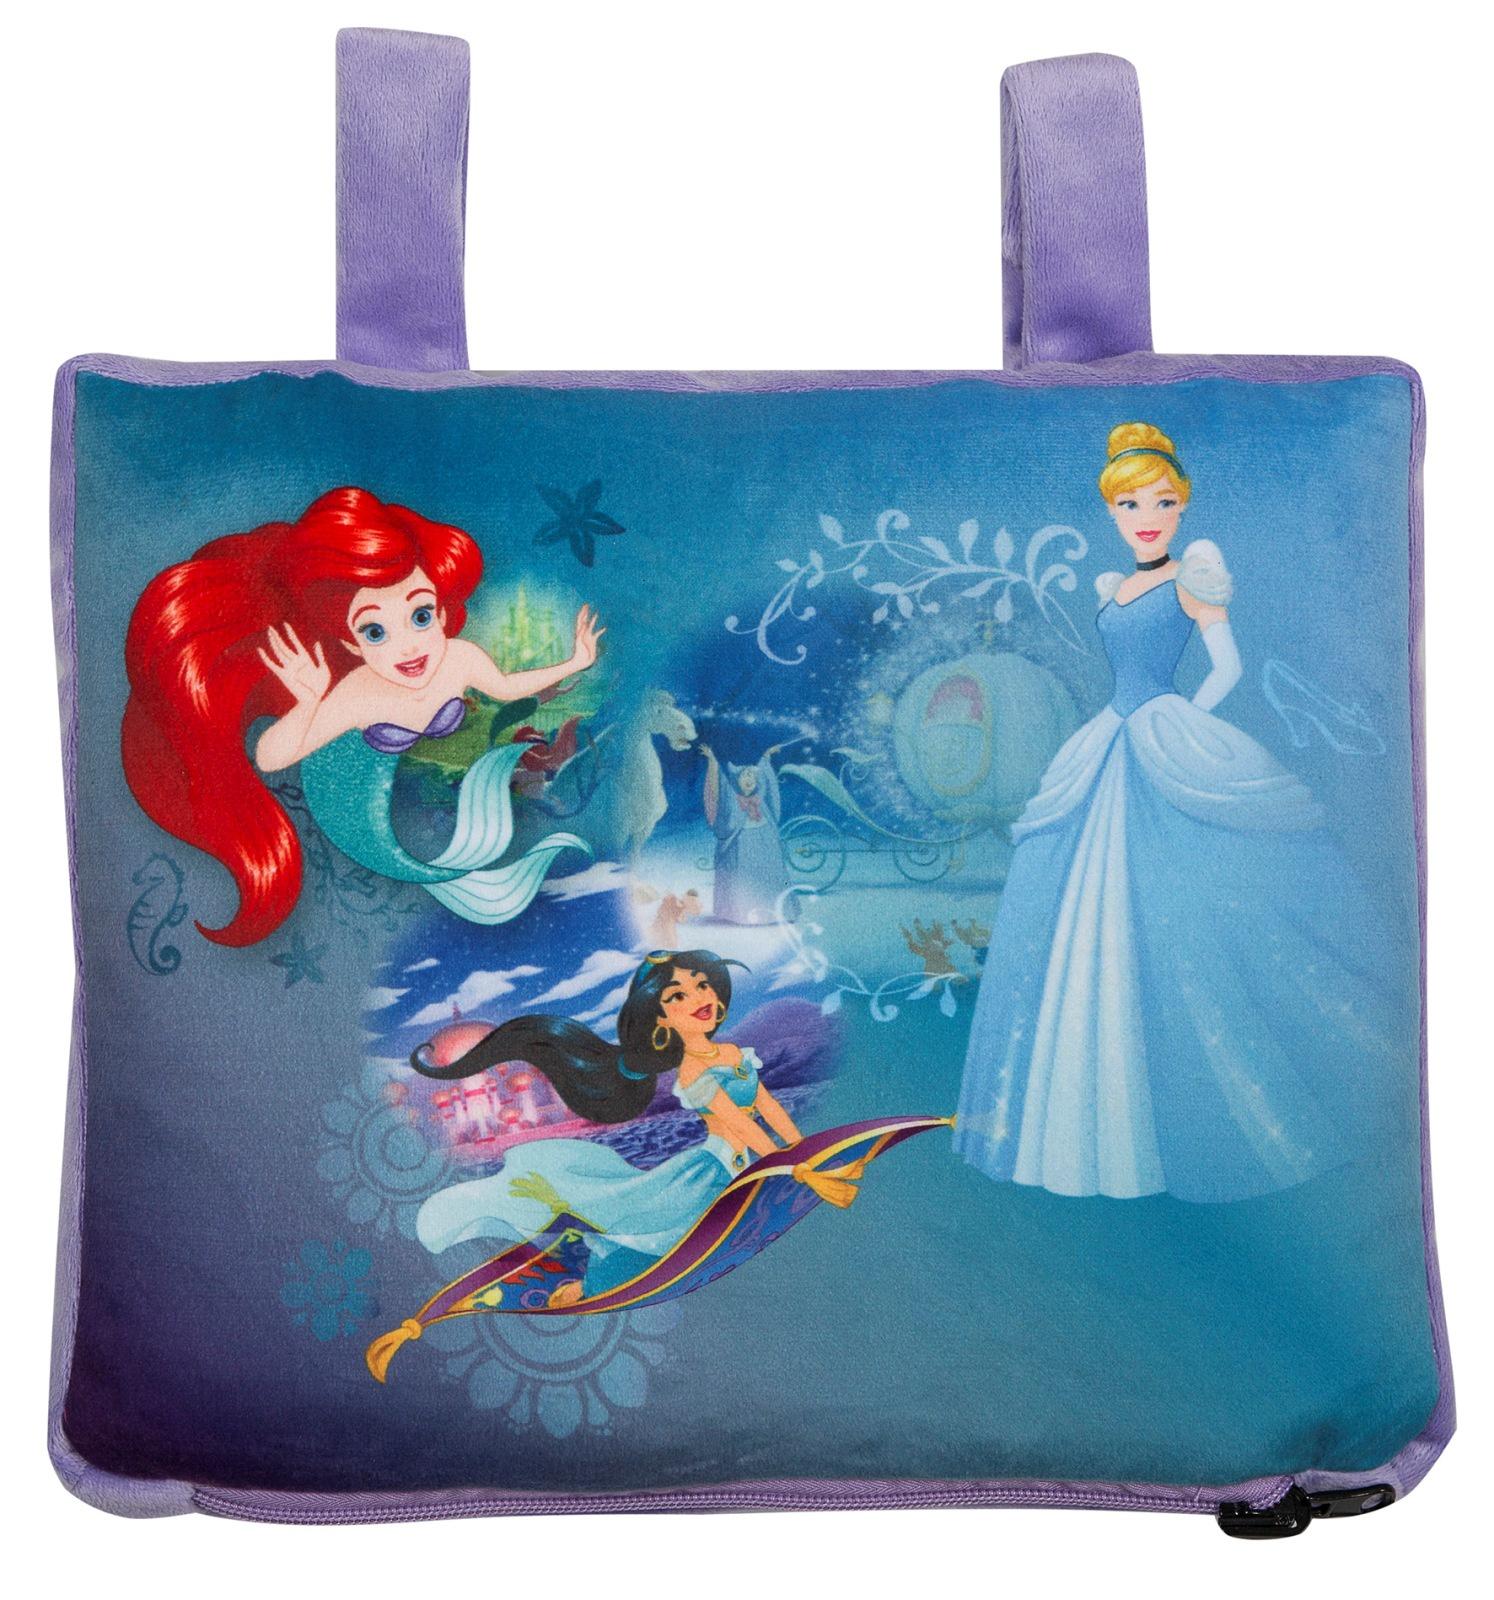 """Подушка Disney """"Трио. Принцессы Дисней"""", для дома и путешествий, цвет: голубой. 16375"""